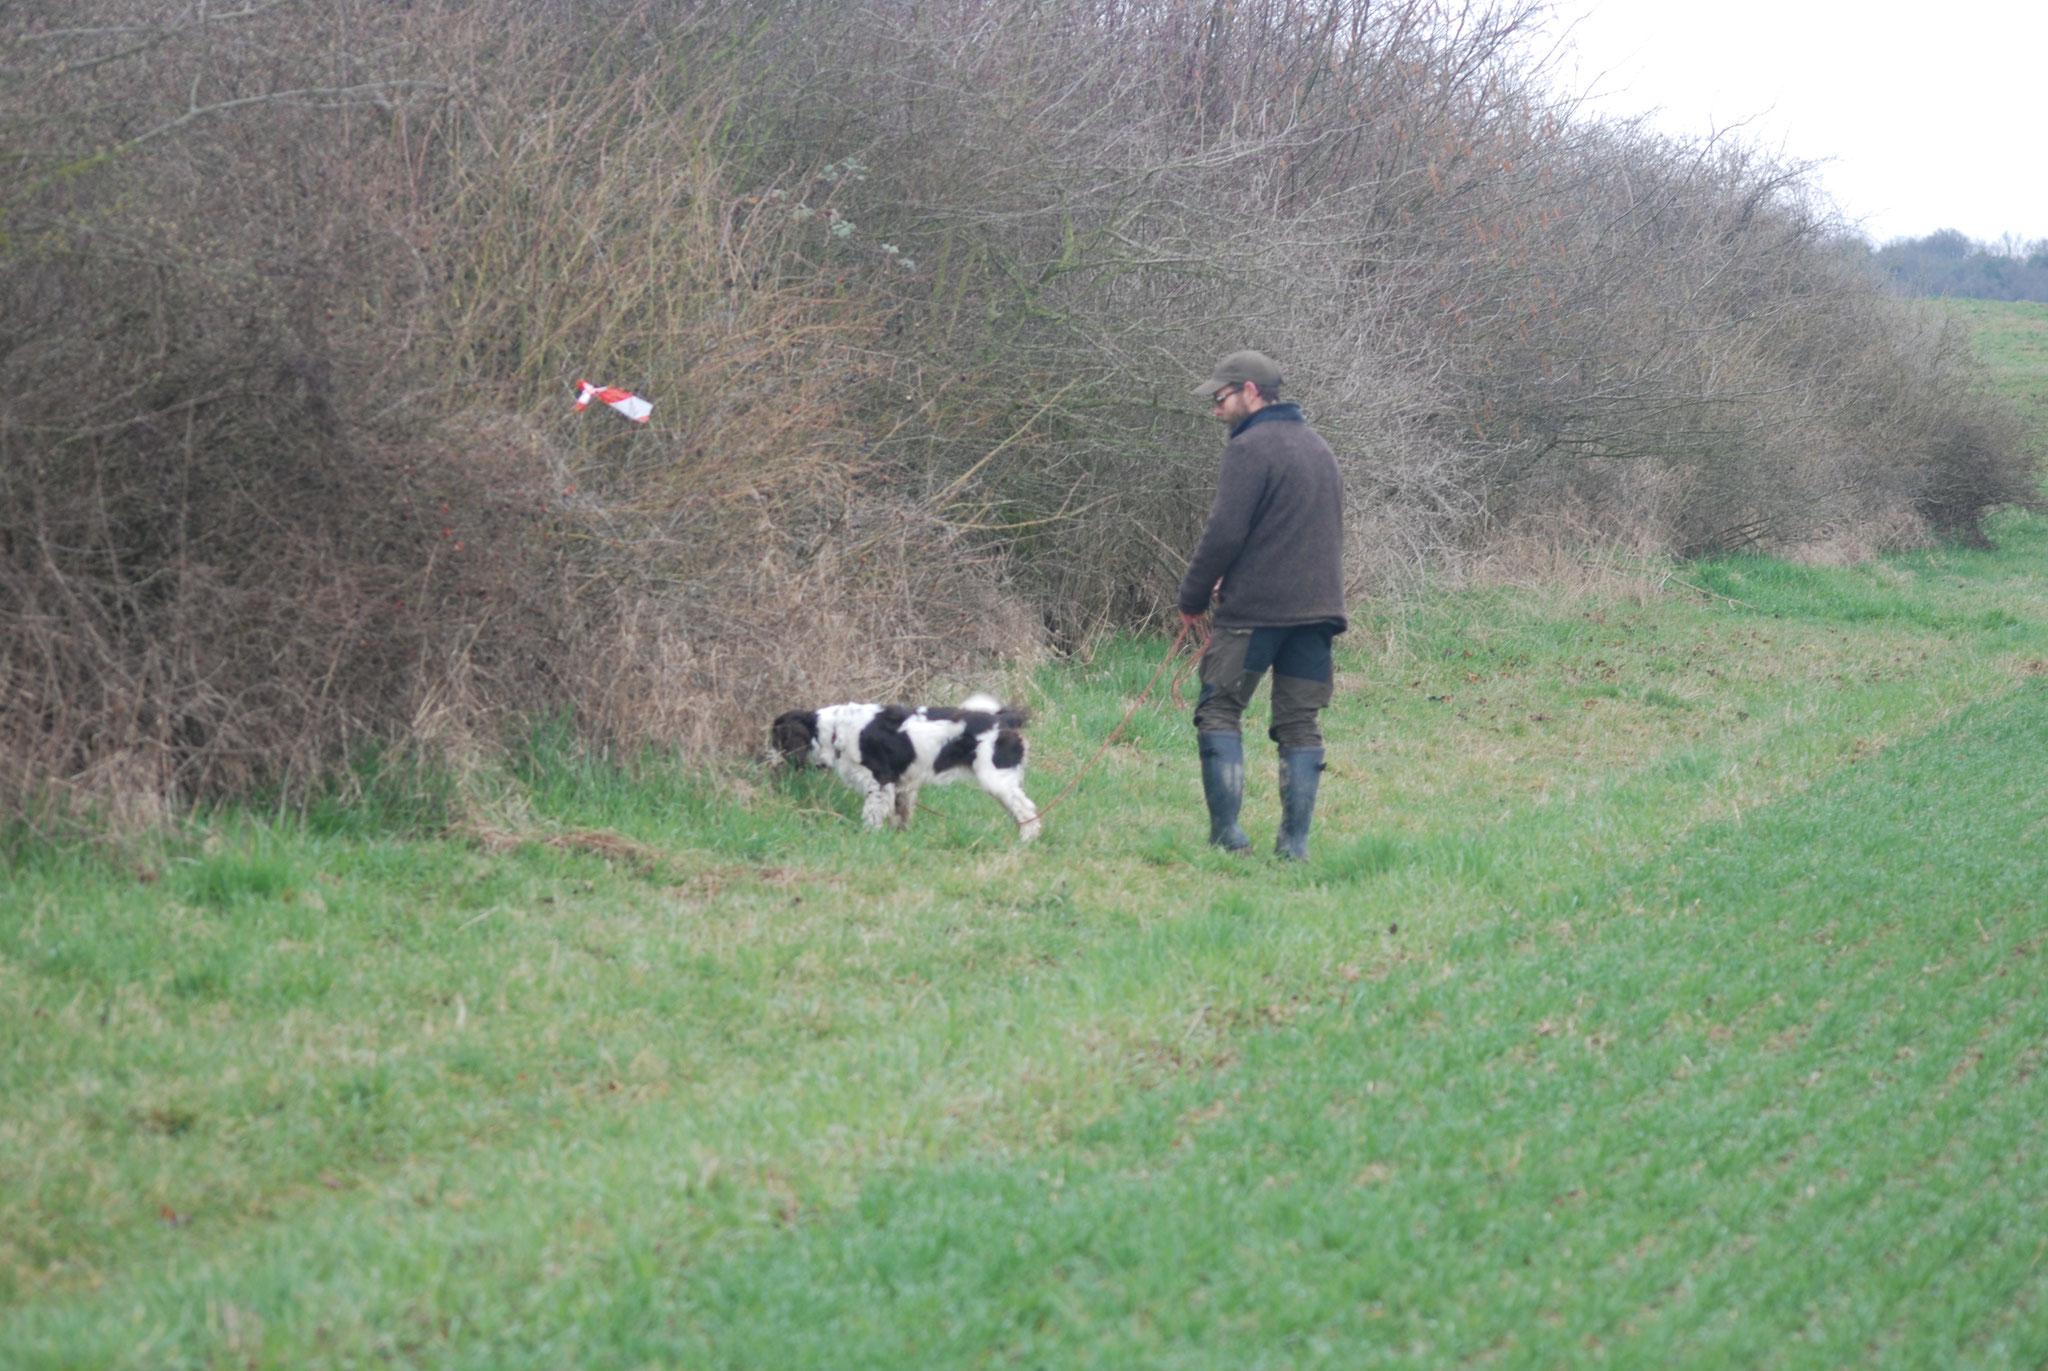 Auch die Springer Spaniel Hündin hat eine feine Nase und findet den Fasan.